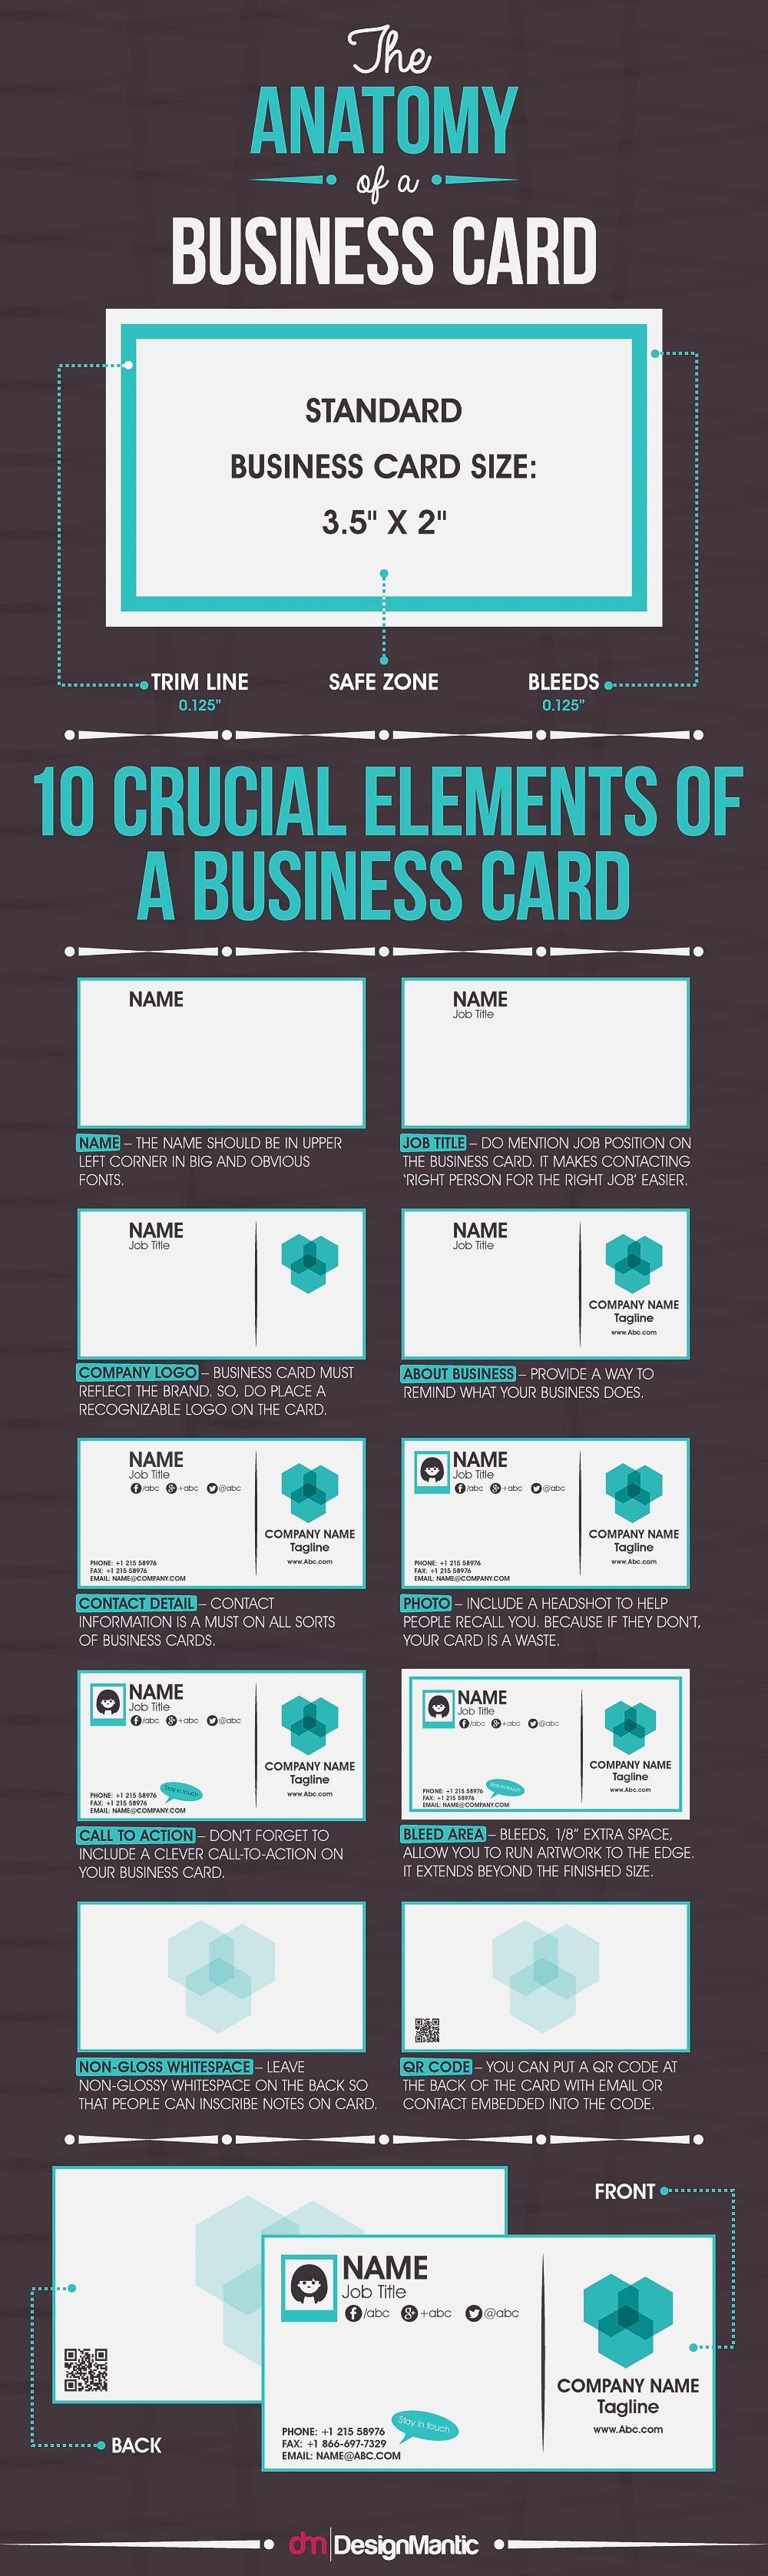 La anatomía del diseño de un tarjeta de presentación | paredro.com